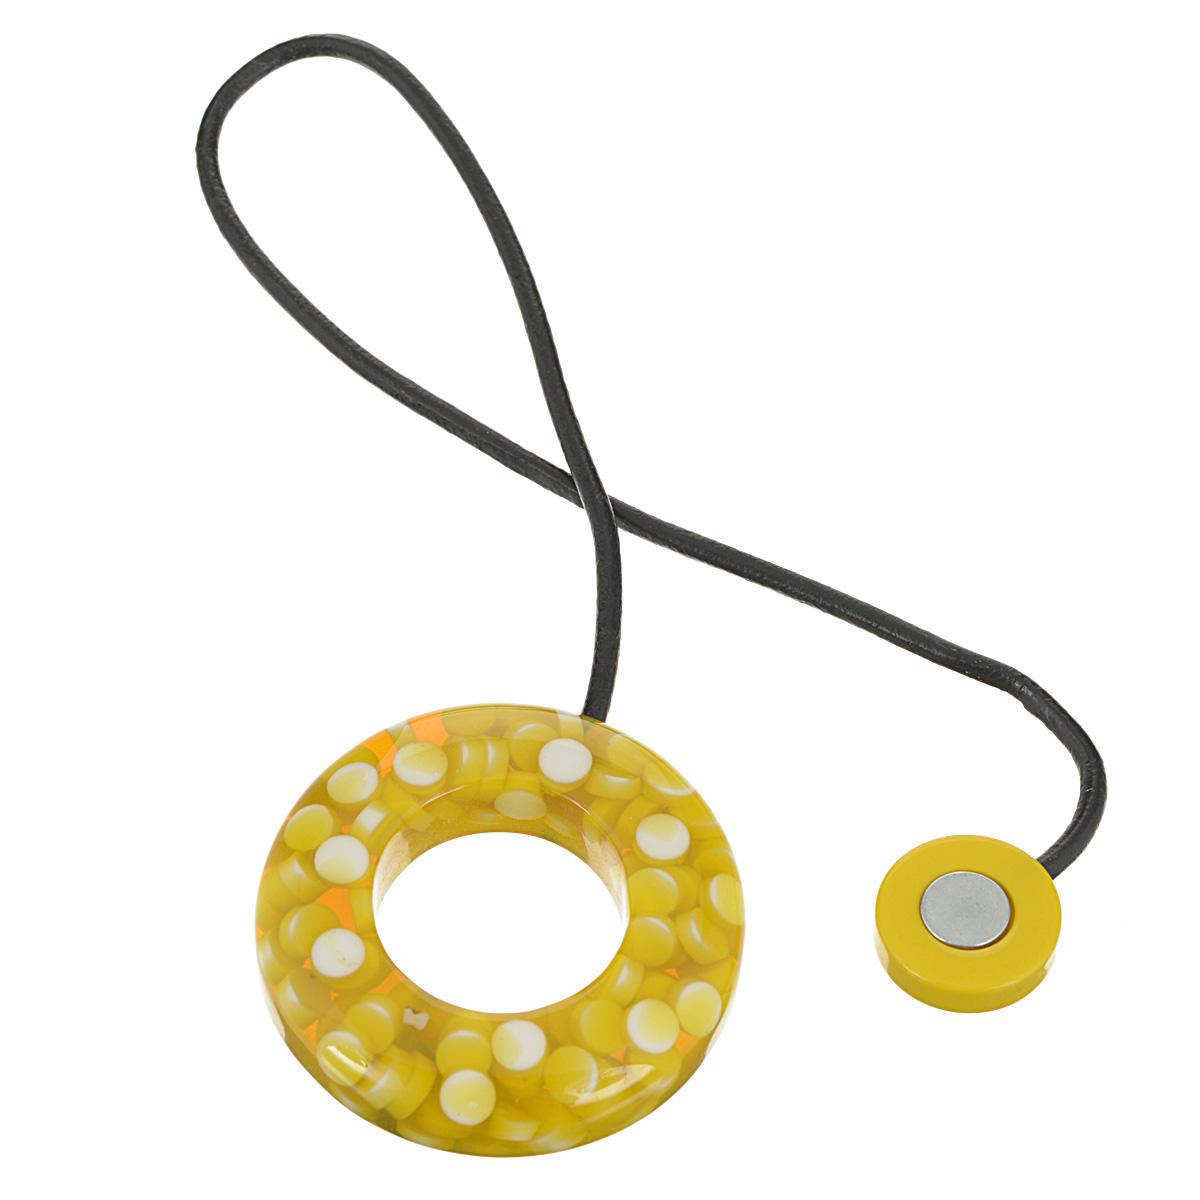 Подхват-магнит для органзы Embrasse, цвет: горчичный, белый. 7706113_80097706113_8009Клипса-магнит  Embrasse, изготовленная из пластика и кожи, предназначена для придания формы шторам. Изделие представляет собой два магнита, расположенные на разных концах кожаного шнурка. С одной стороны магнит оформлен декоративным кольцом. С помощью такой магнитной клипсы можно зафиксировать портьеры, придать им требуемое положение, сделать складки симметричными или приблизить портьеры, скрепить их. Клипсы для штор являются универсальным изделием, которое превосходно подойдет как для штор в детской комнате, так и для штор в гостиной. Следует отметить, что клипсы для штор выполняют не только практическую функцию, но также являются одной из основных деталей декора этого изделия, которая придает шторам восхитительный, стильный внешний вид. Материал: пластик, кожа, магнит.Диаметр кольца: 5,5 см.Диаметр магнита: 2 см.Длина ленты: 28 см.